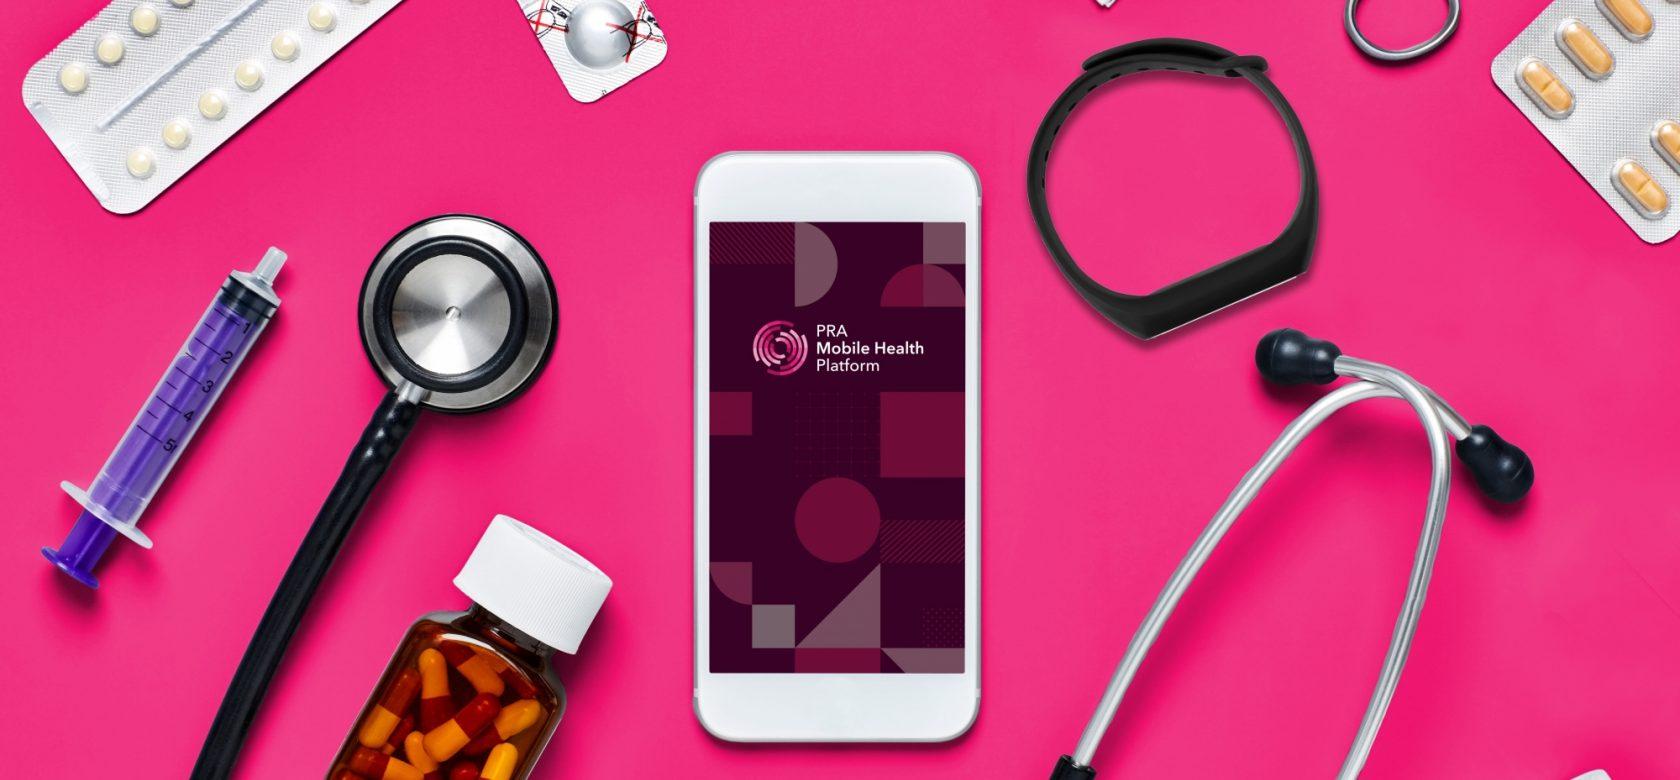 Τεχνολογία υγεία καρδιαγγειακά:  Η κινητή τεχνολογία υγείας βελτιώνει τη δευτερογενή πρόληψη